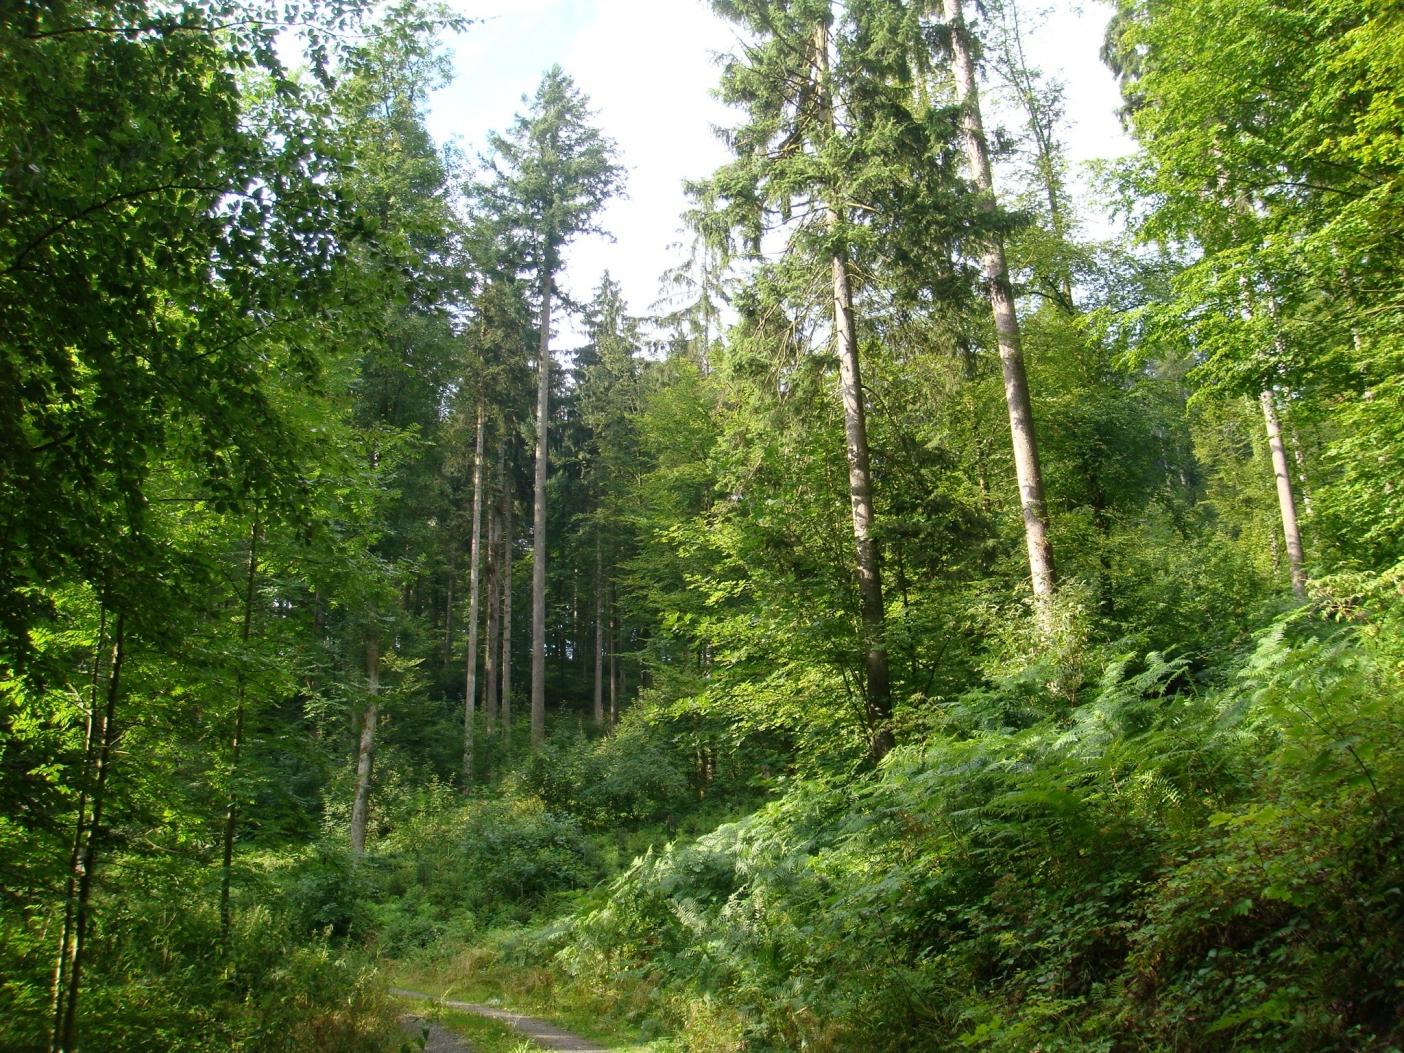 トウヒの一斉林から本来の植生であるブナの森へと再転換していく途中の択伐林スイス・アールガウ州セオン村。Photo: Mikihiro NAKAMURA